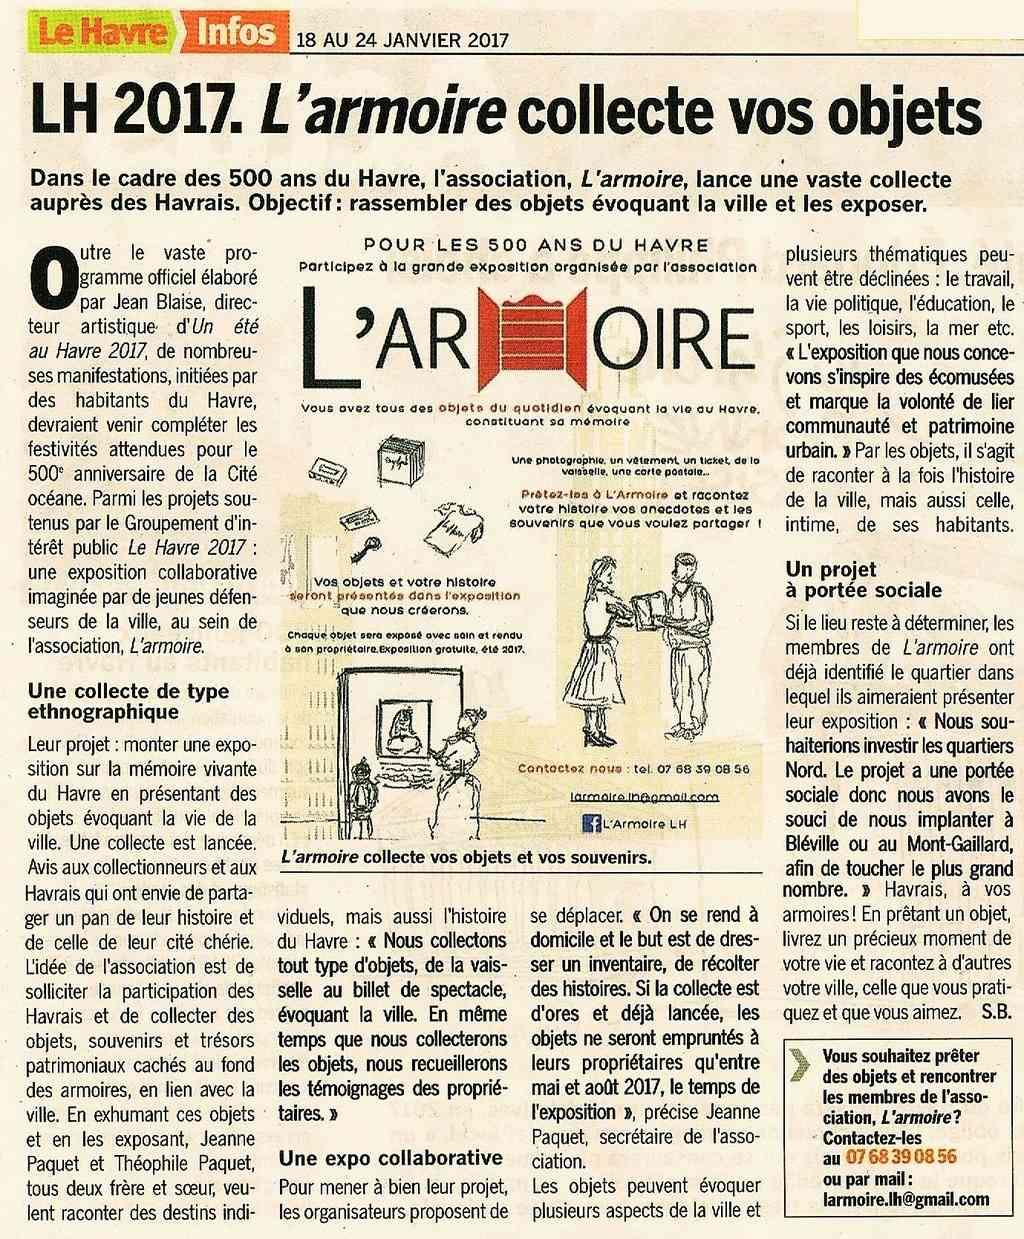 L'armoire collecte vos objets du Havre 2017-018